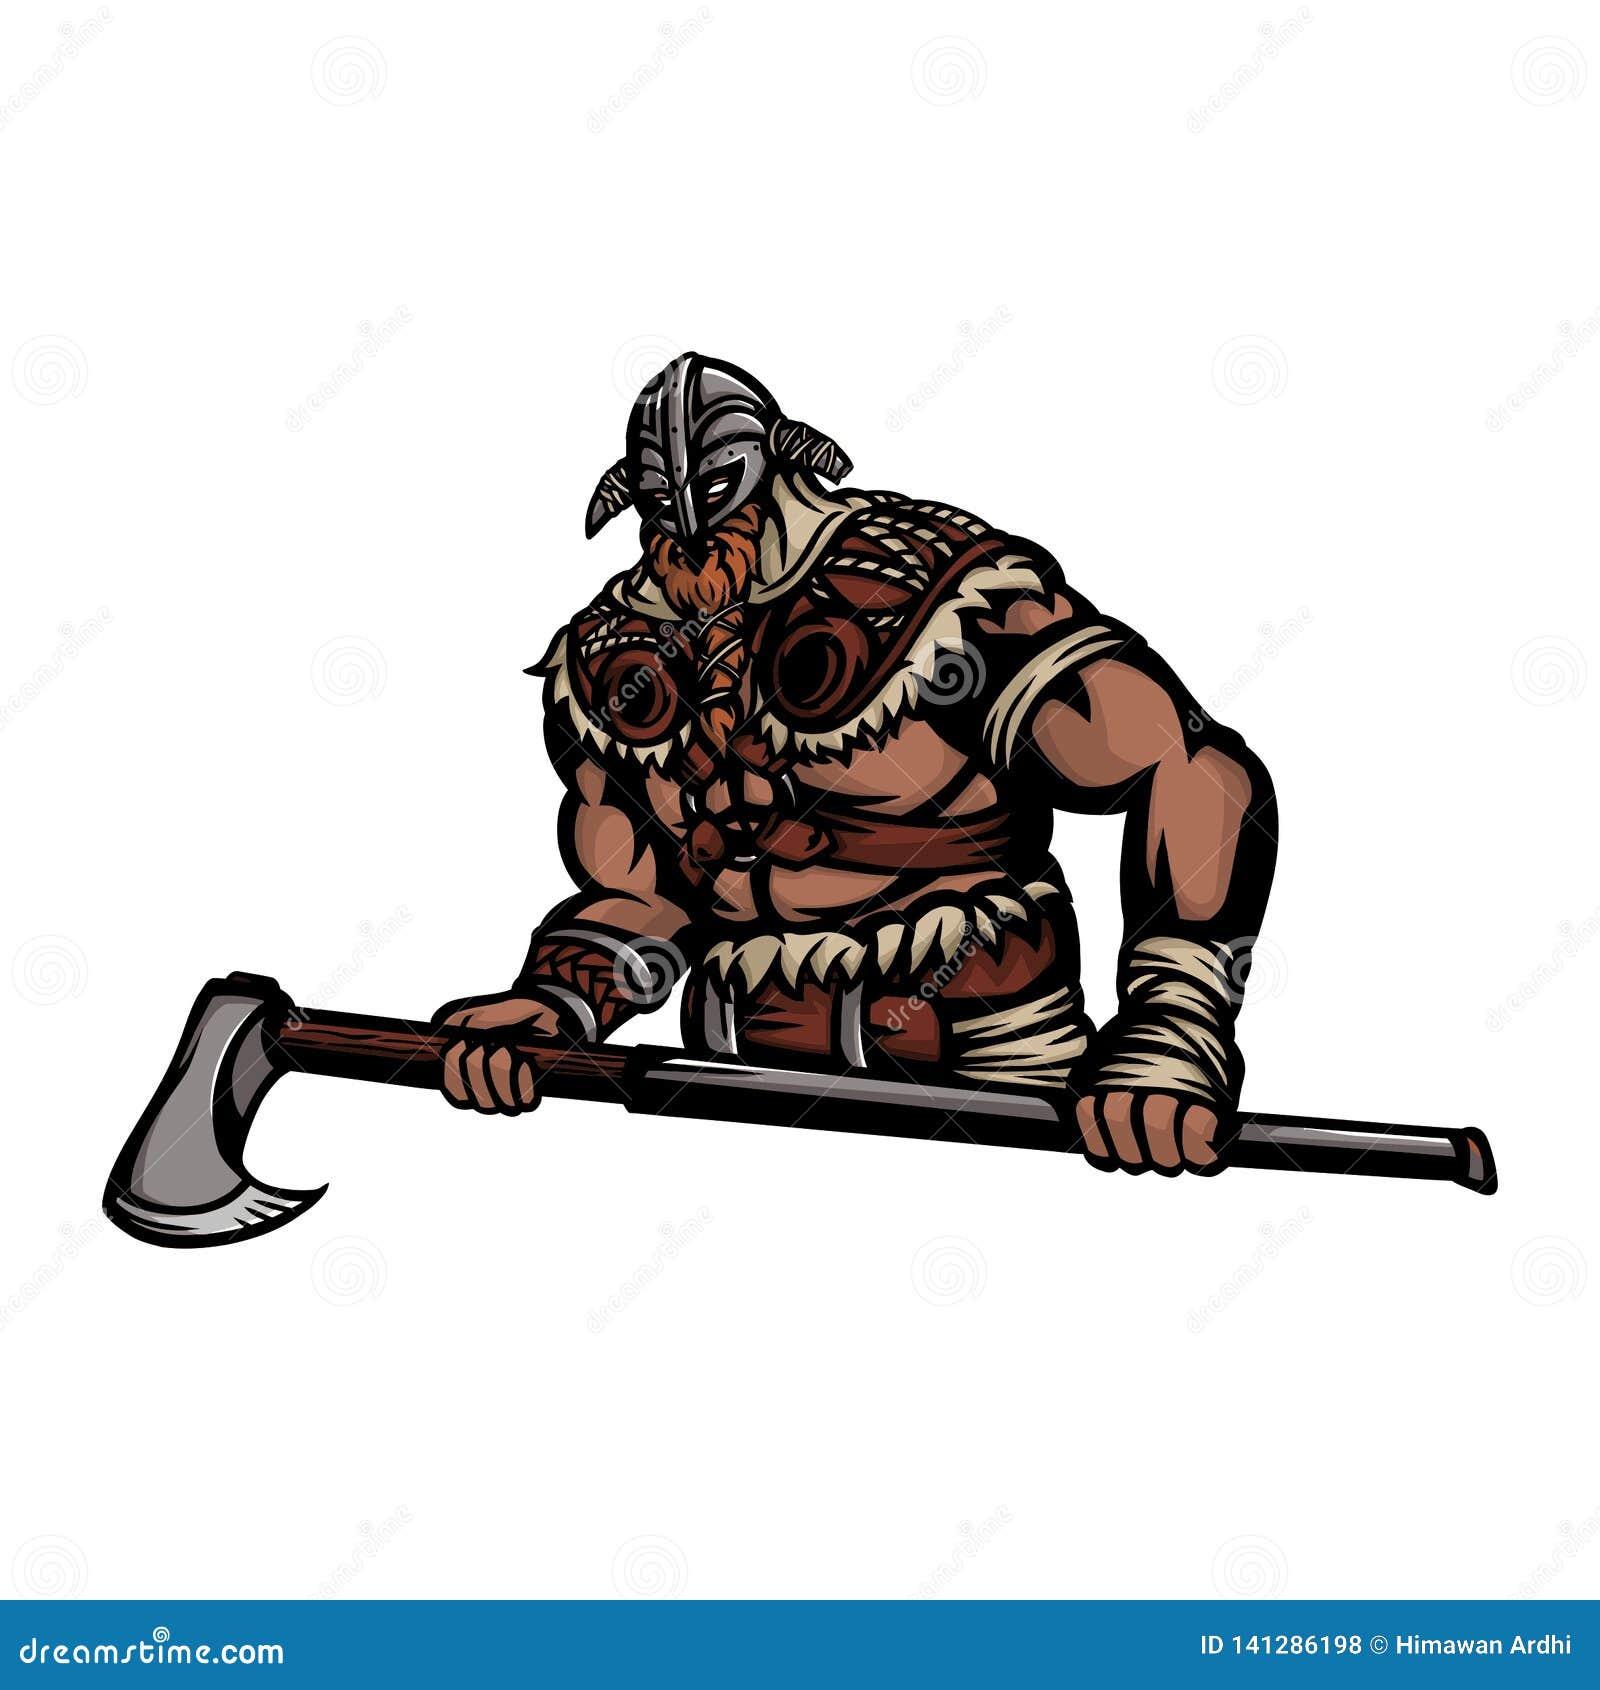 Guerreiro nórdico 3